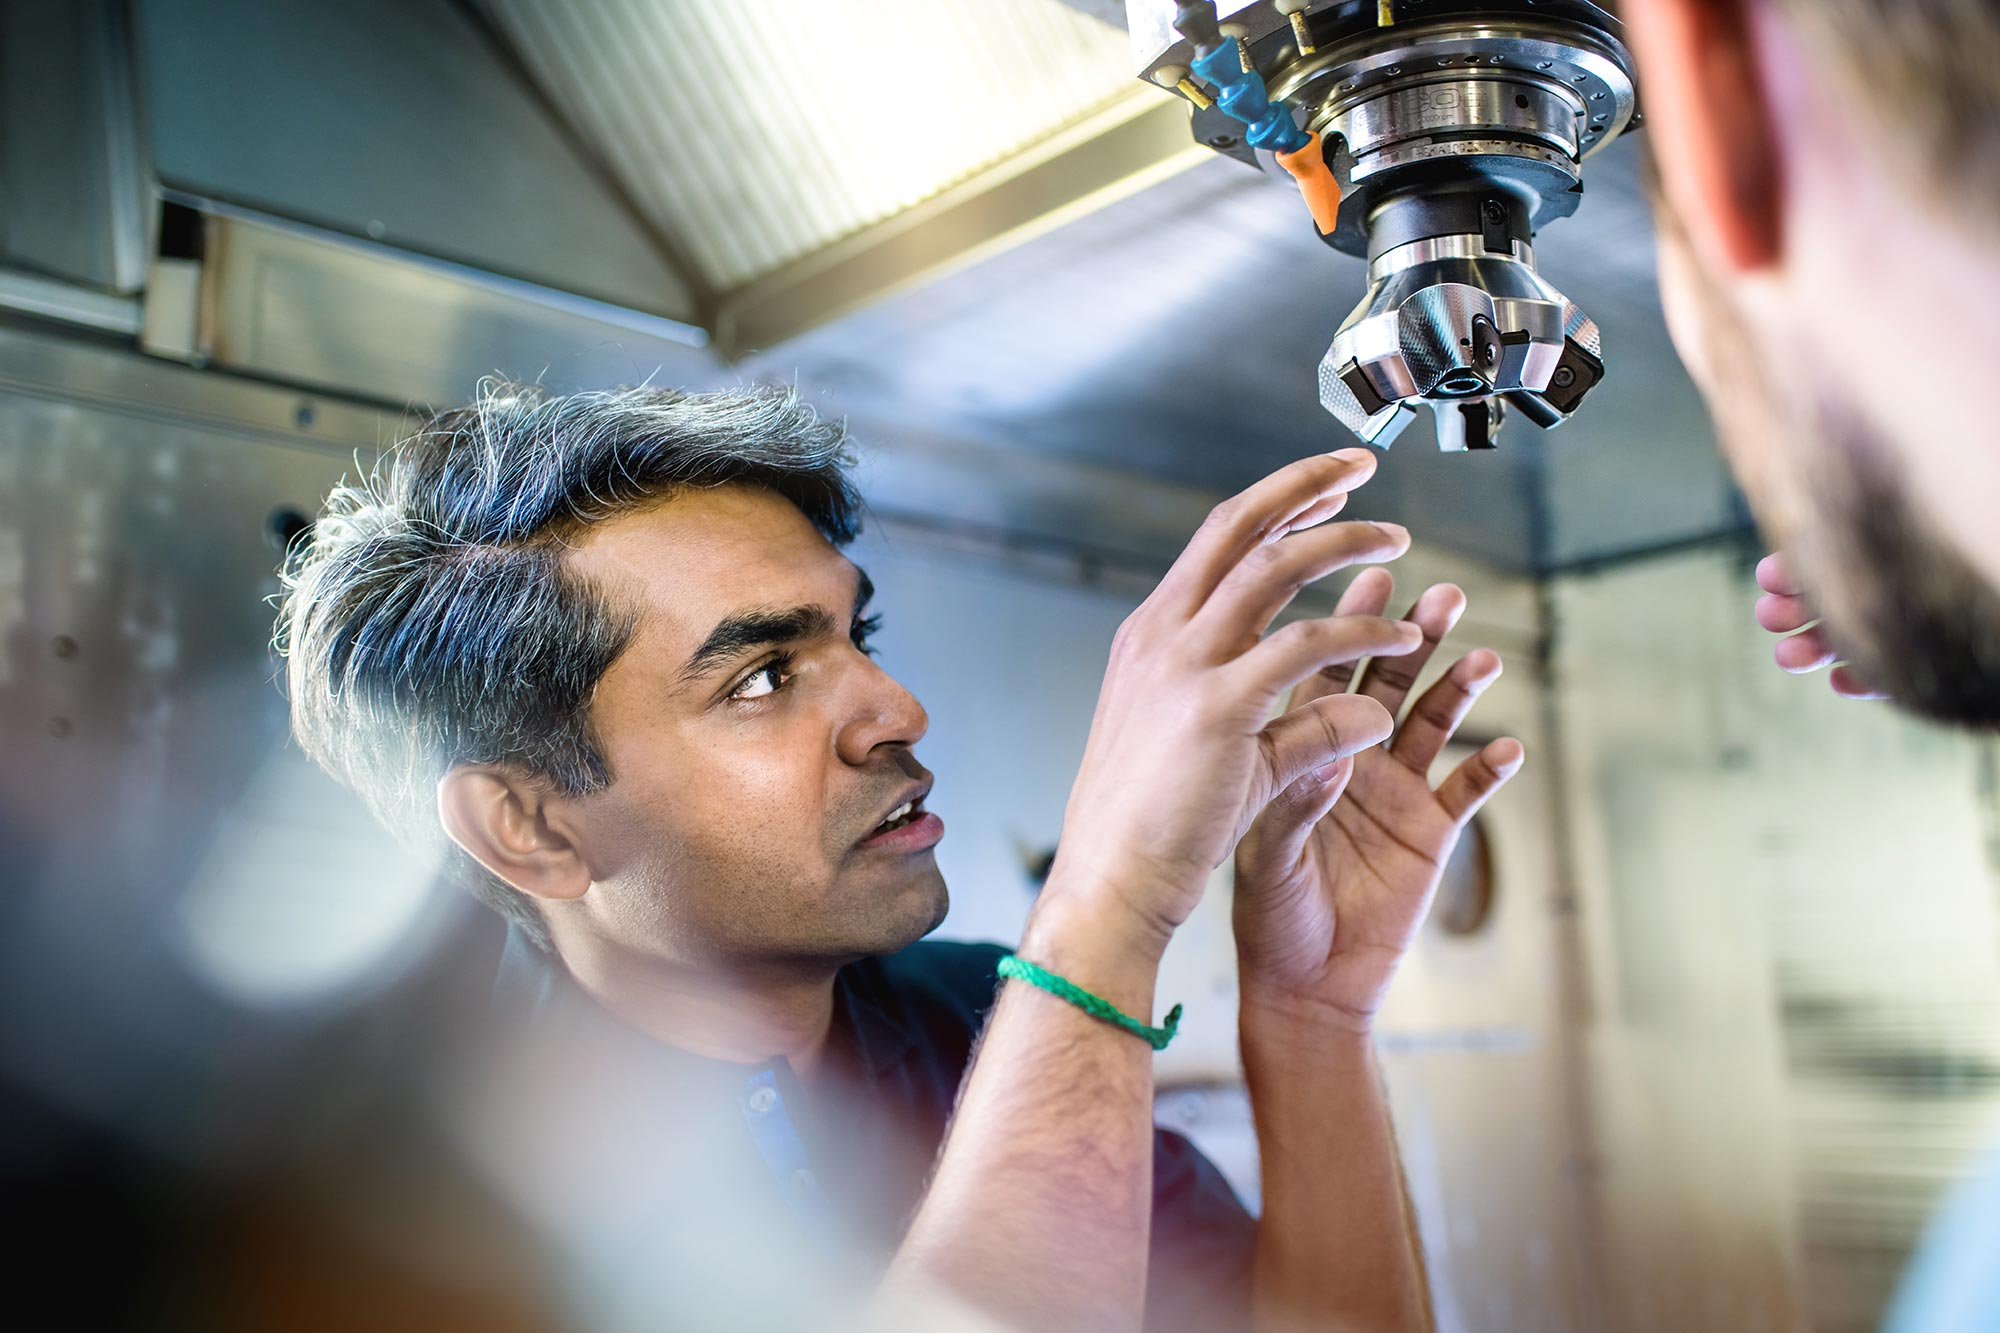 SECO-TOOLS-Global Communication Mitarbeiter der Produktion und Kunde sprechen konzentriert mit Werkzeug in der CNC Maschine